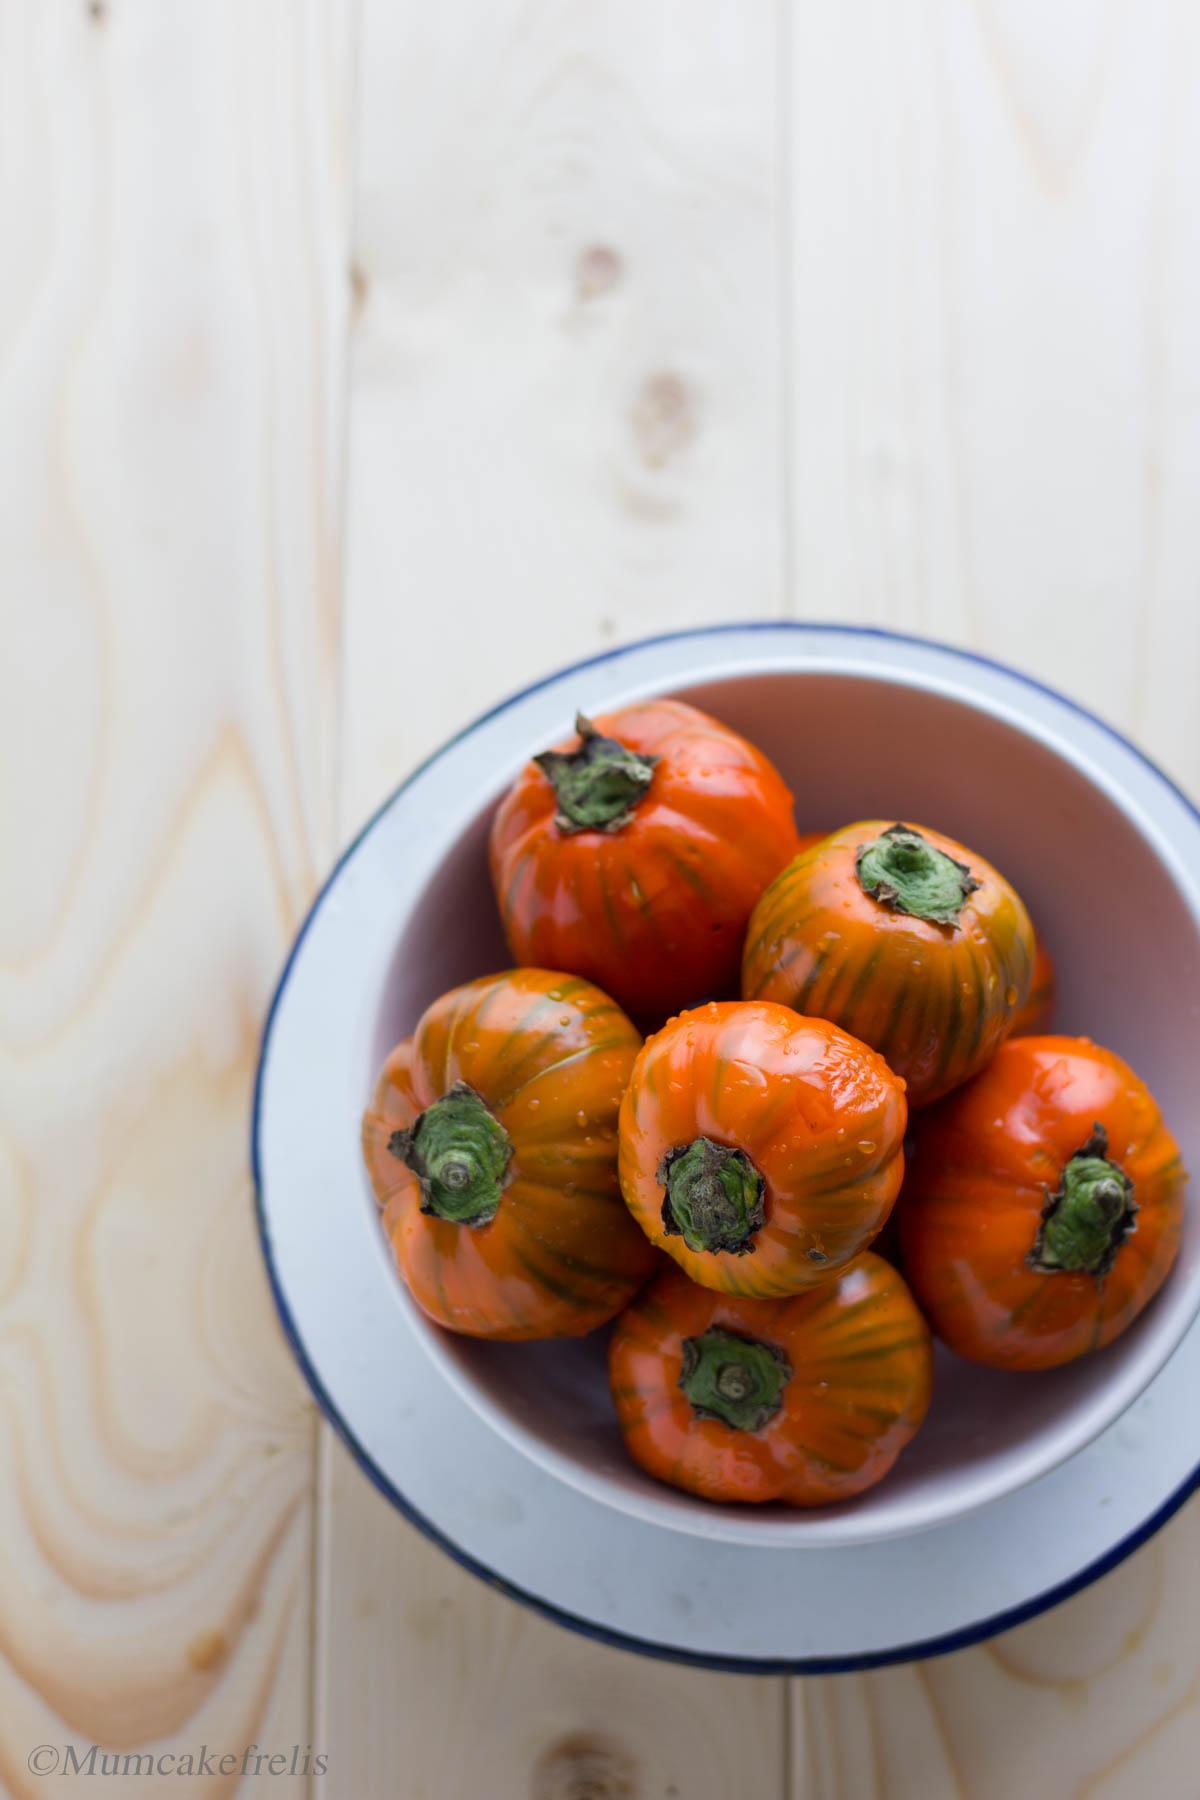 melanzana rossa di rotonda immagini, la melanzana di rotonda, la melanzana rossa di rotonda ricette